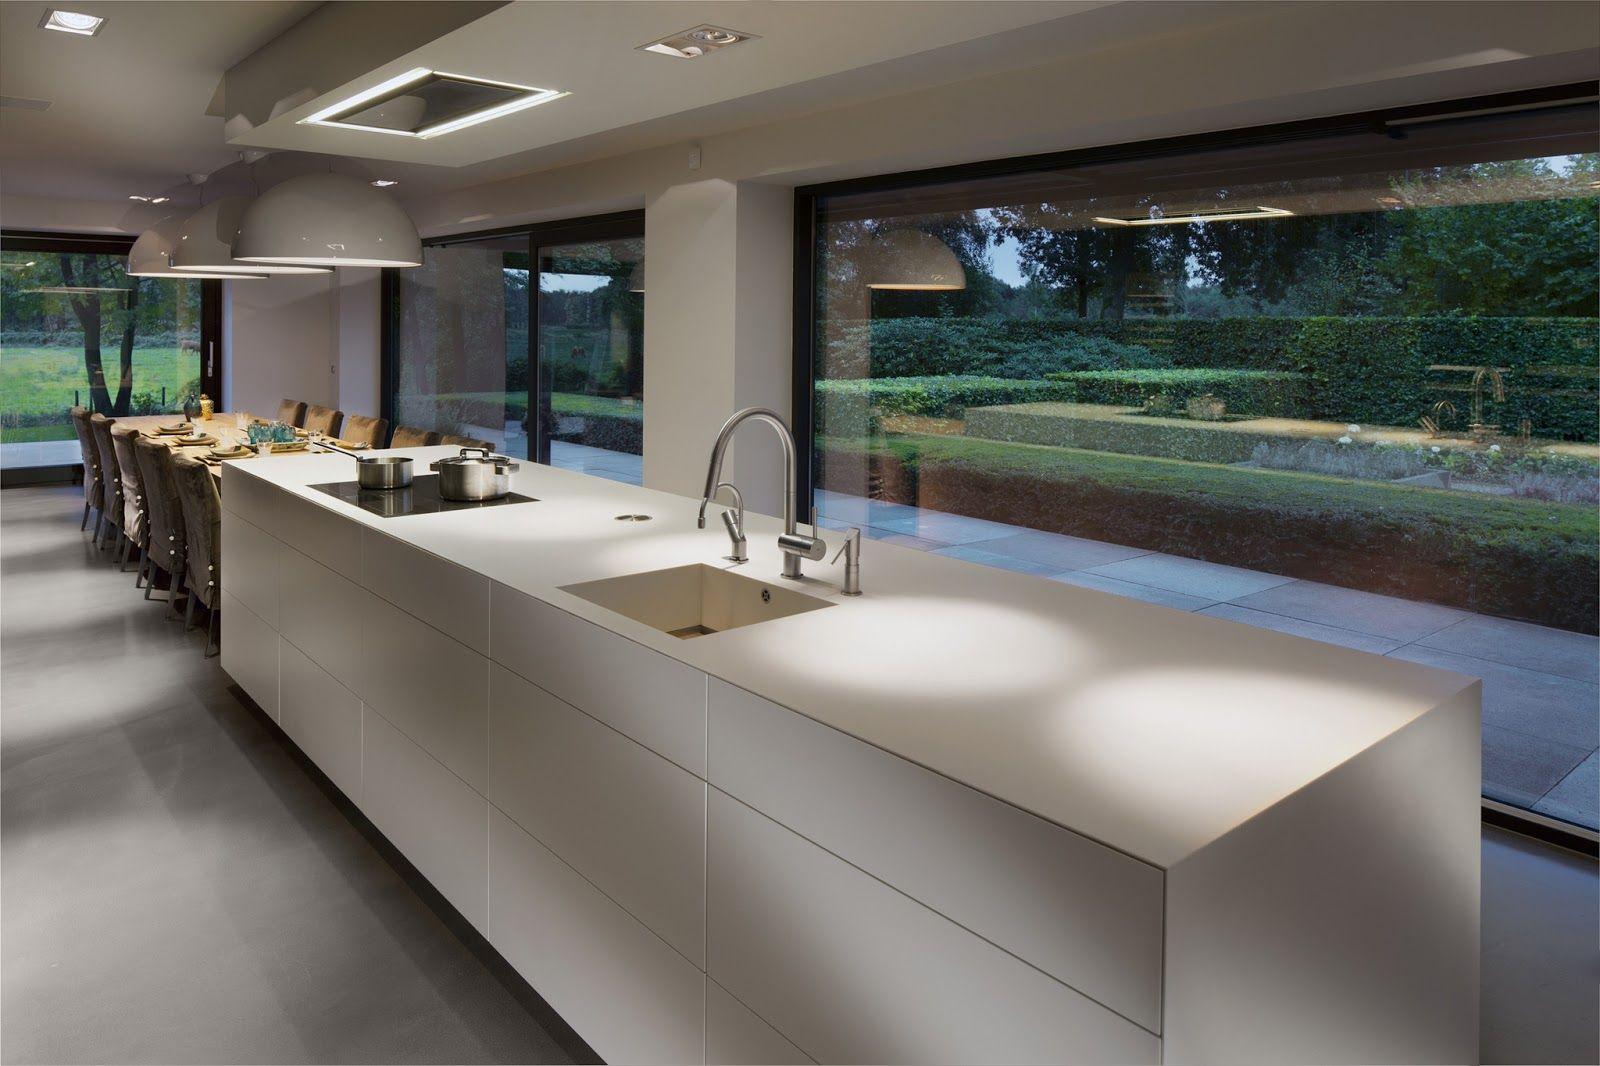 Cuisine design blanche et bois avec îlot Voici une cuisine trouvée ...